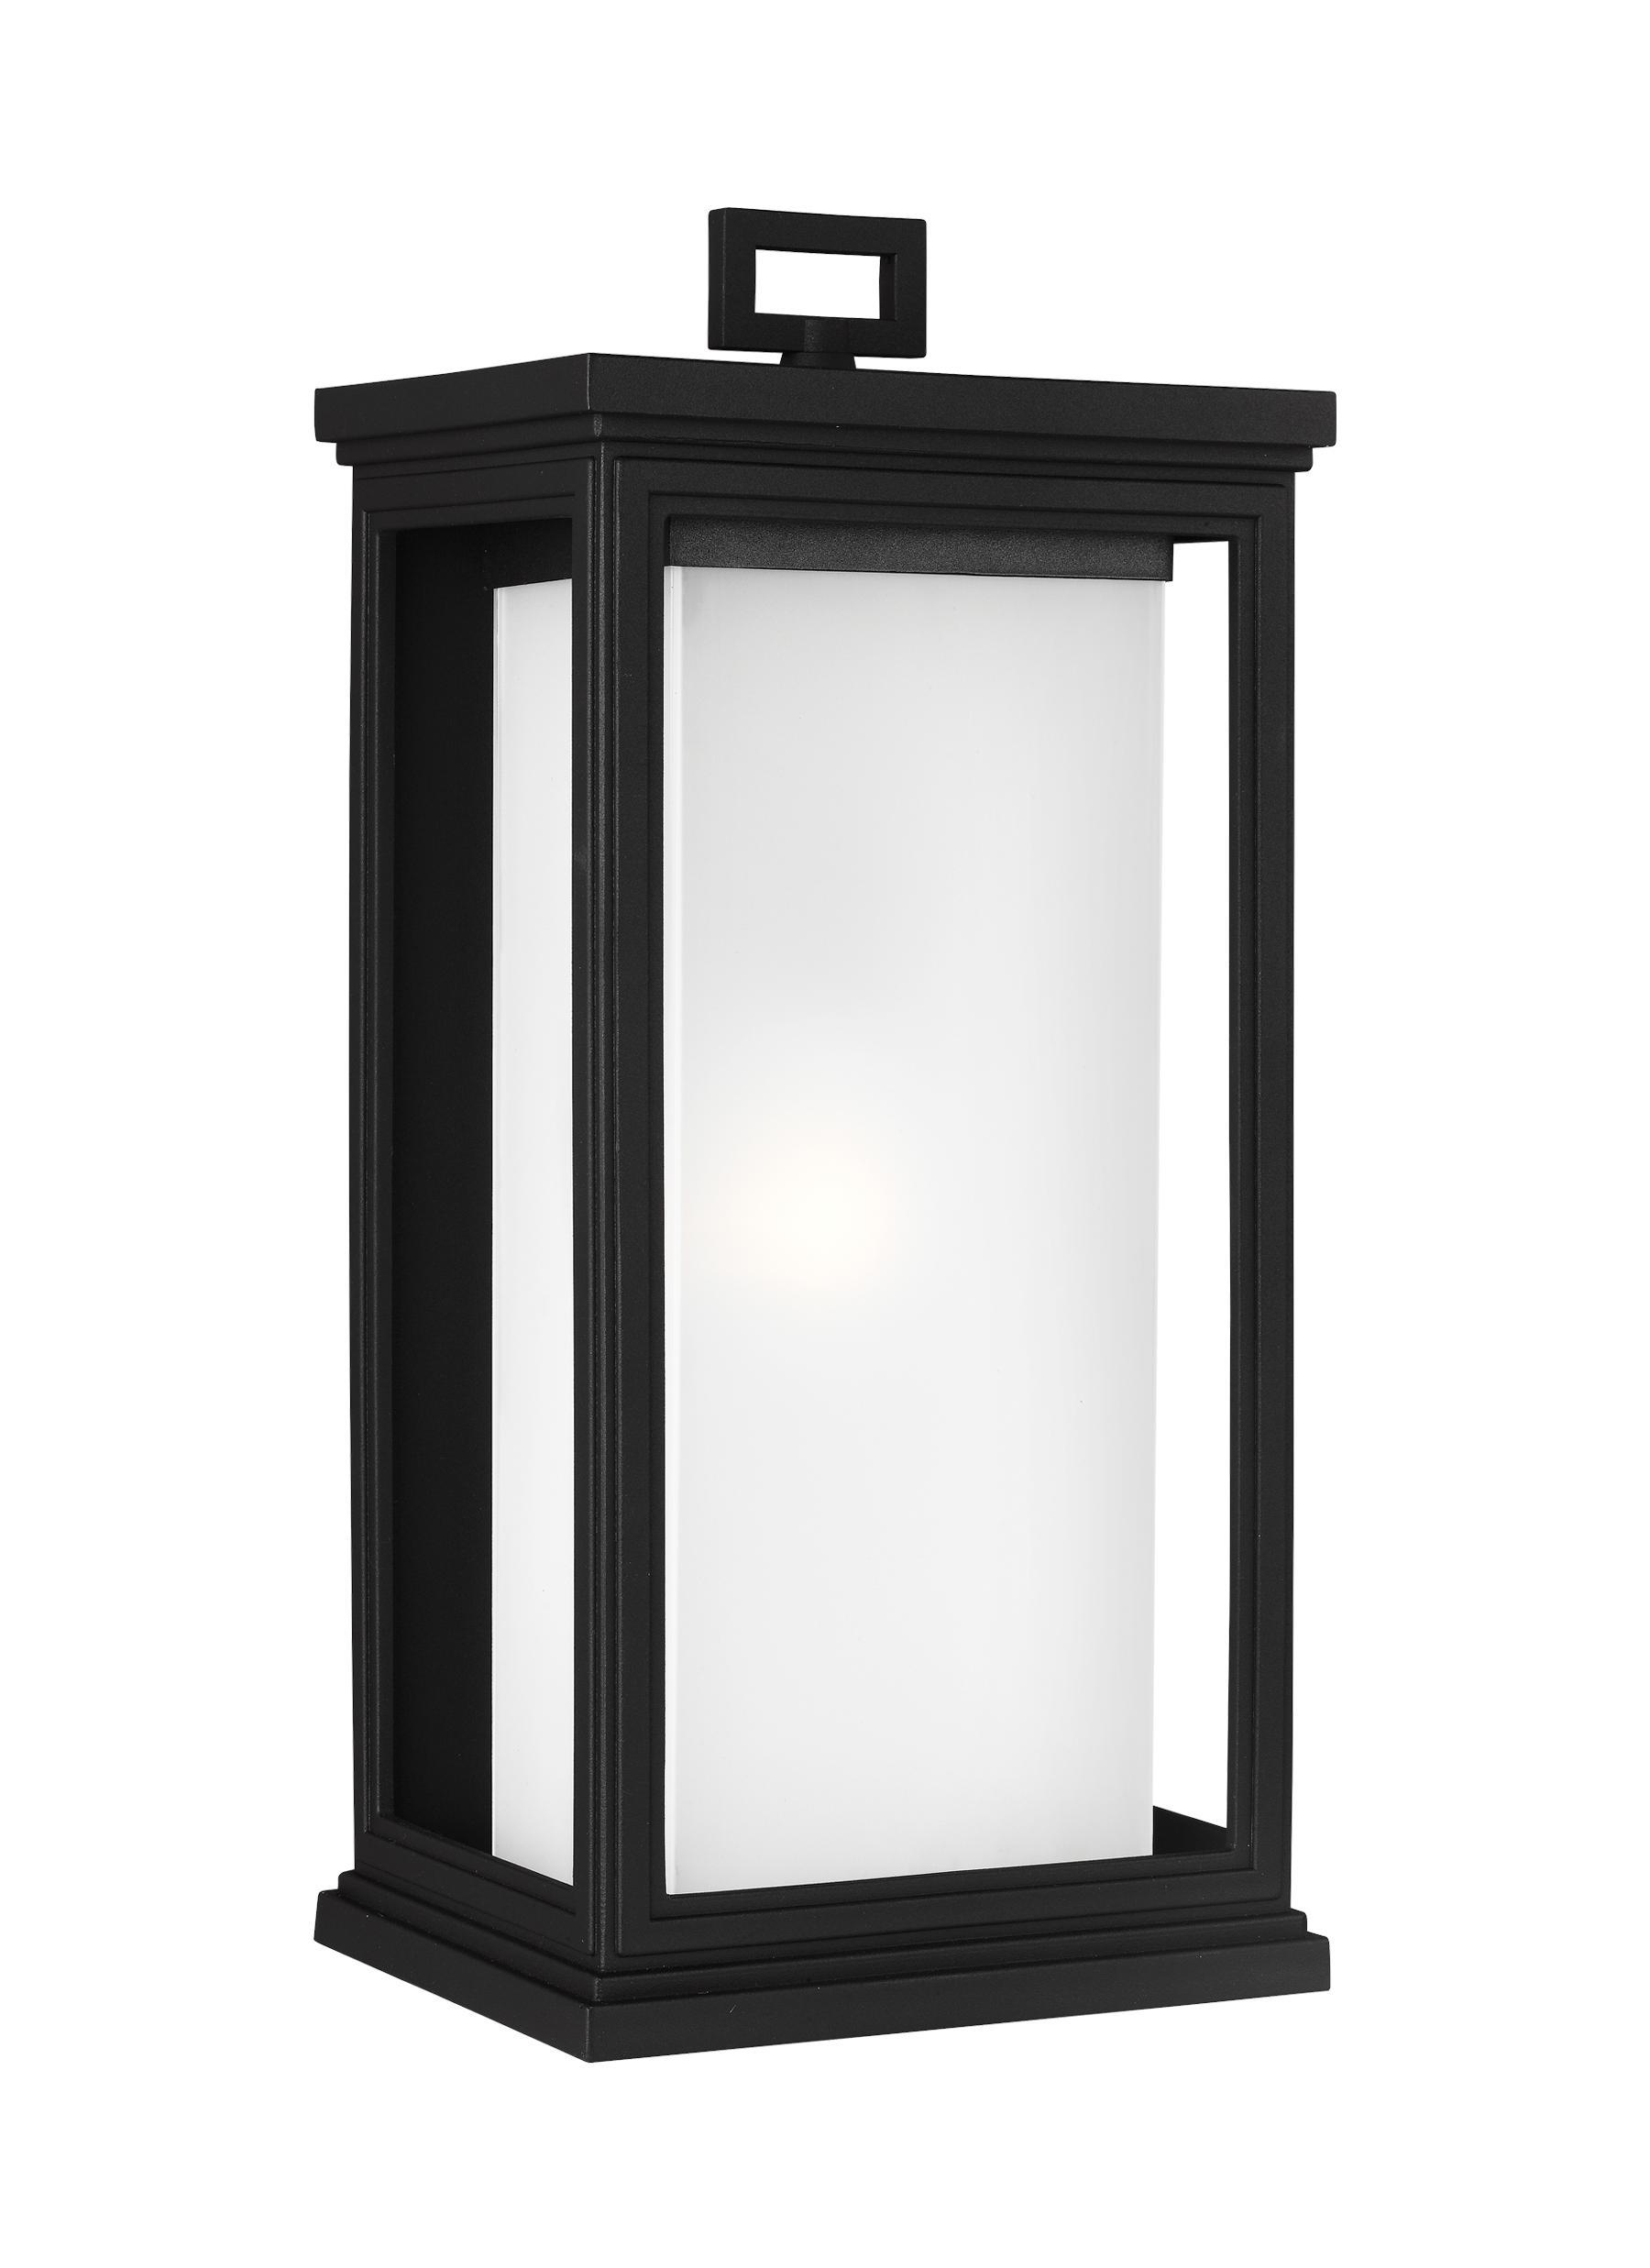 Black Outdoor Wall Light ol12902txb,1 - light outdoor wall lantern,textured black